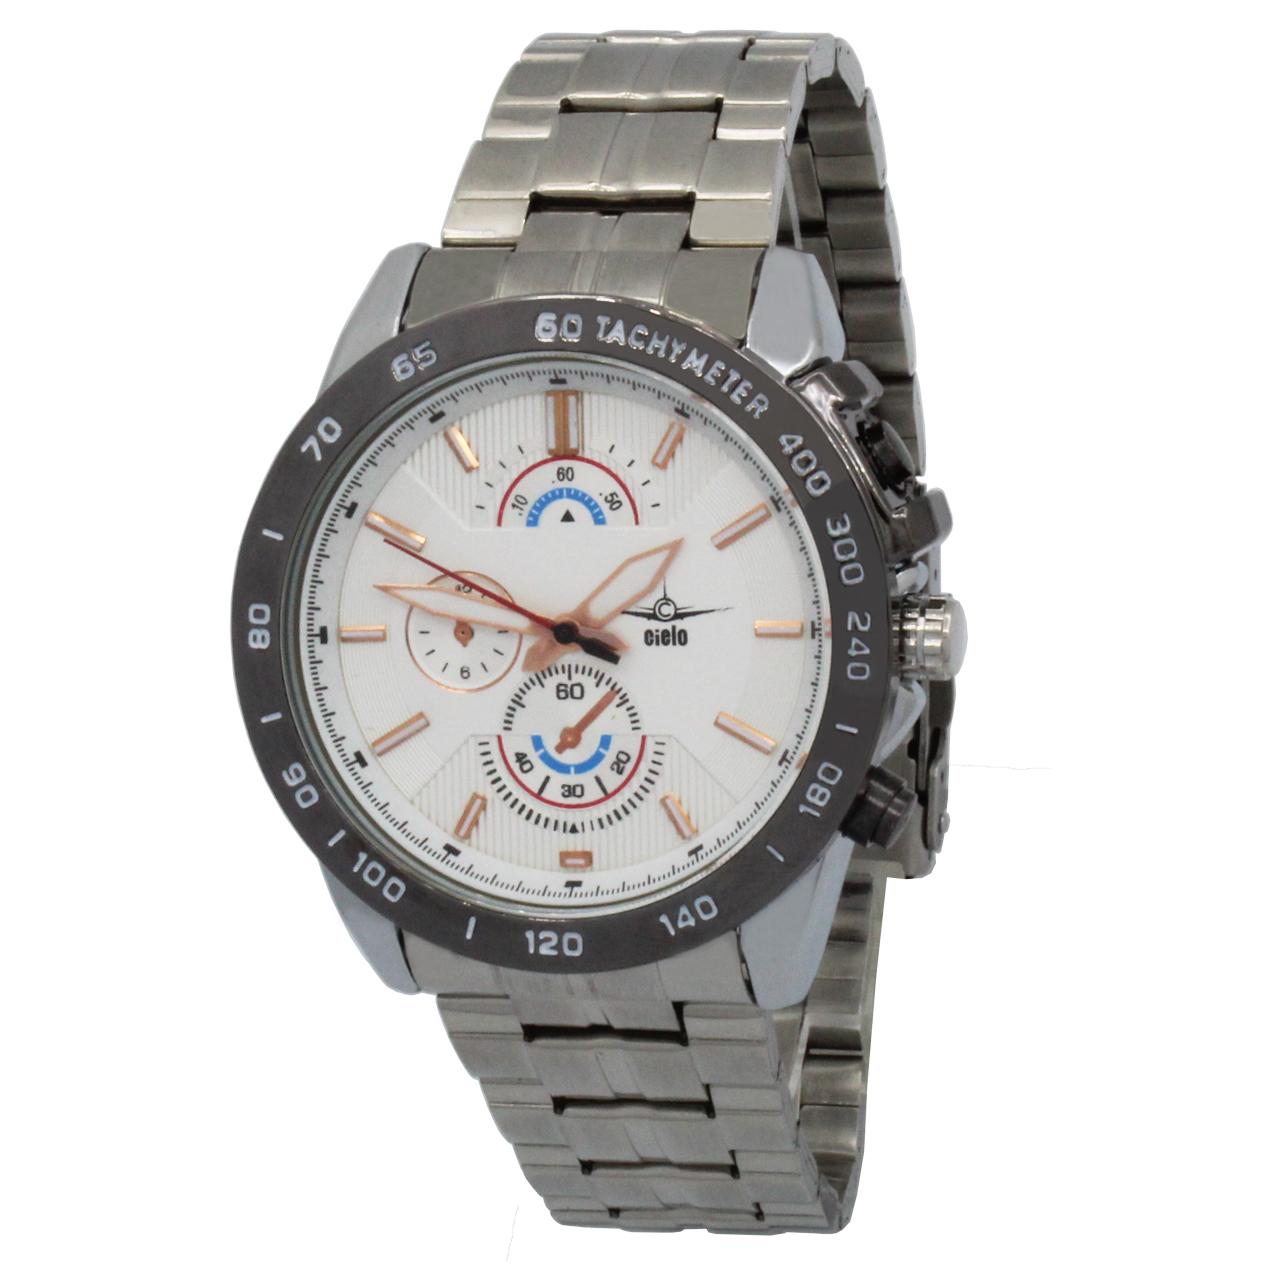 ساعت مچی عقربه ای مردانه سیلو مدل MU-0013